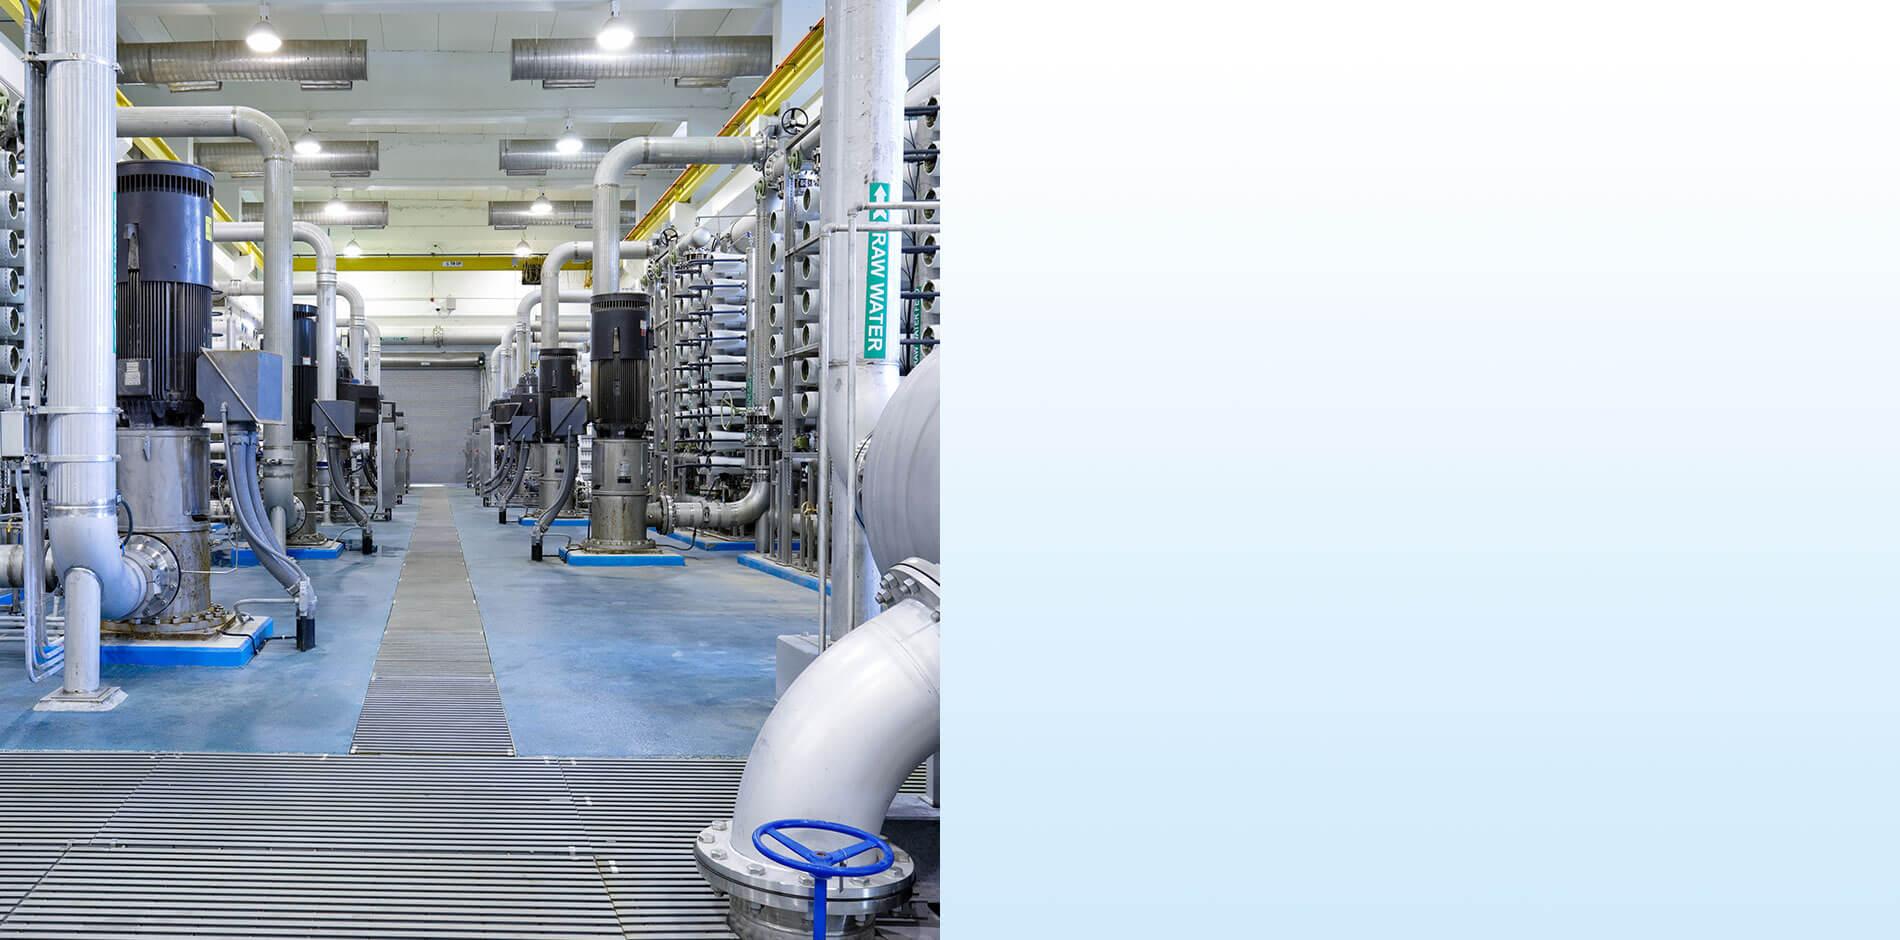 समुद्र जल के अलवणीकरण में ऊर्जा और पानी की दक्षता को अधिकतम करना